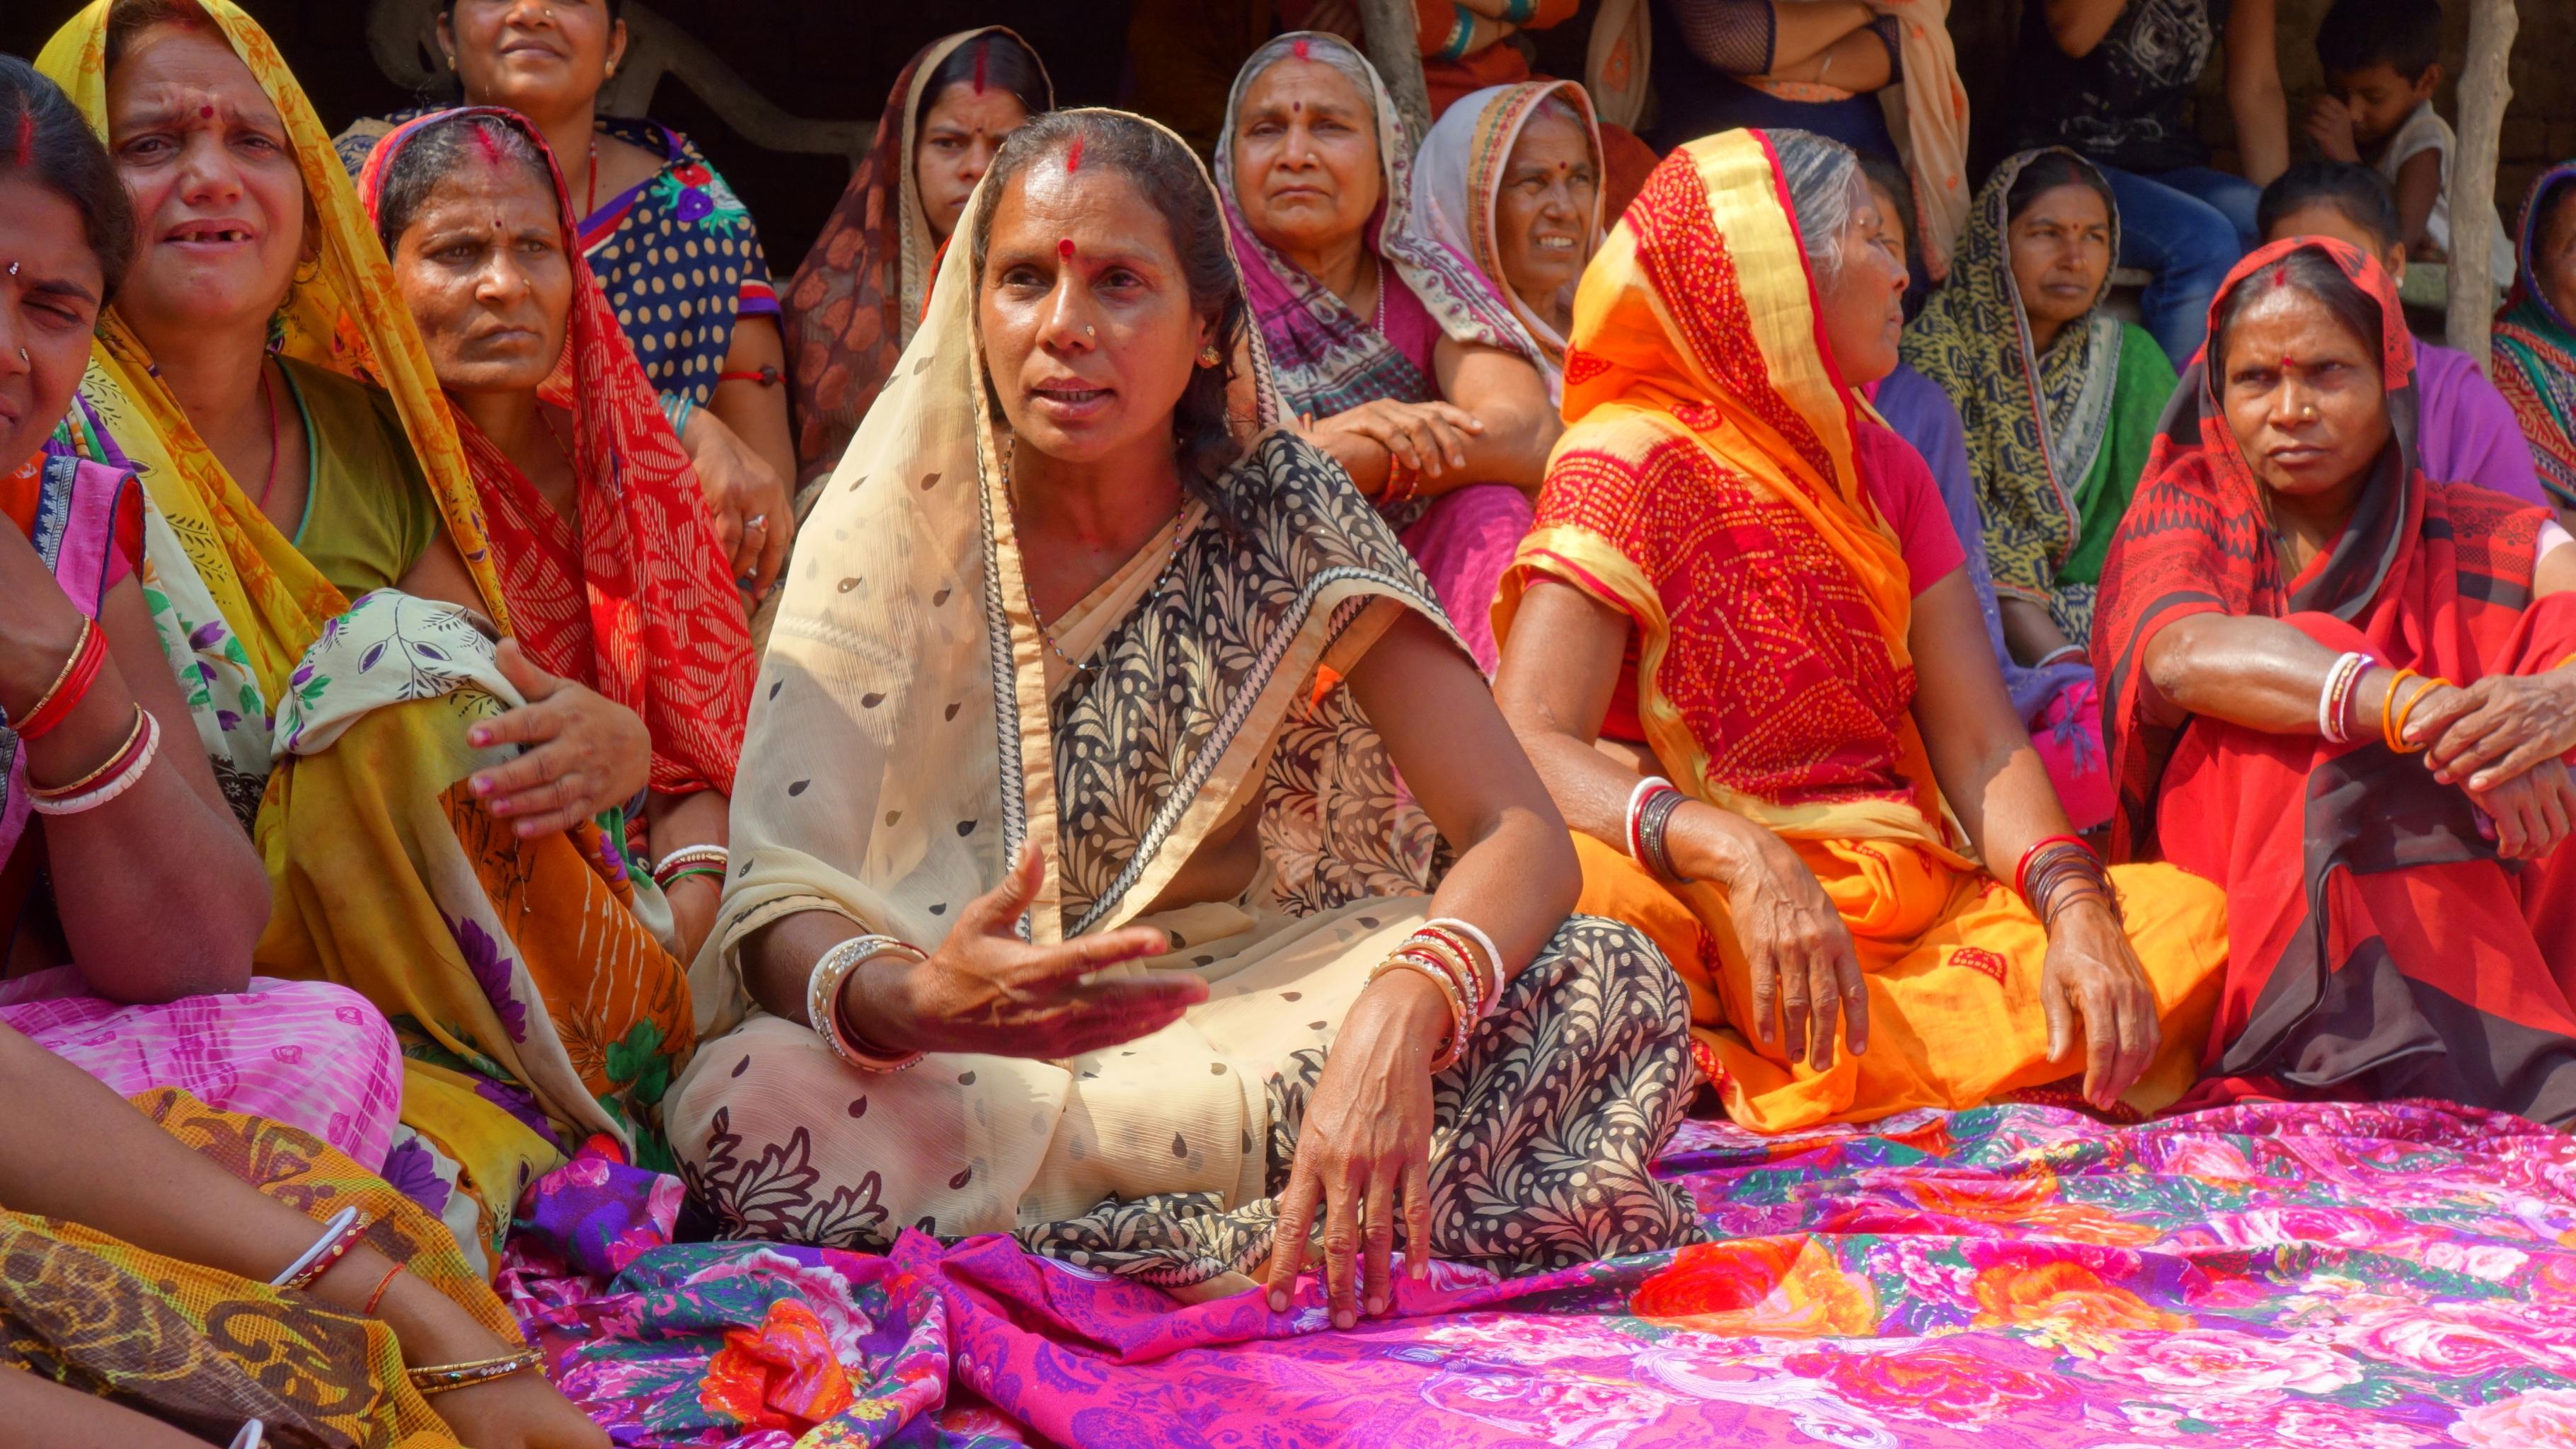 Sunita Devi aus Indien